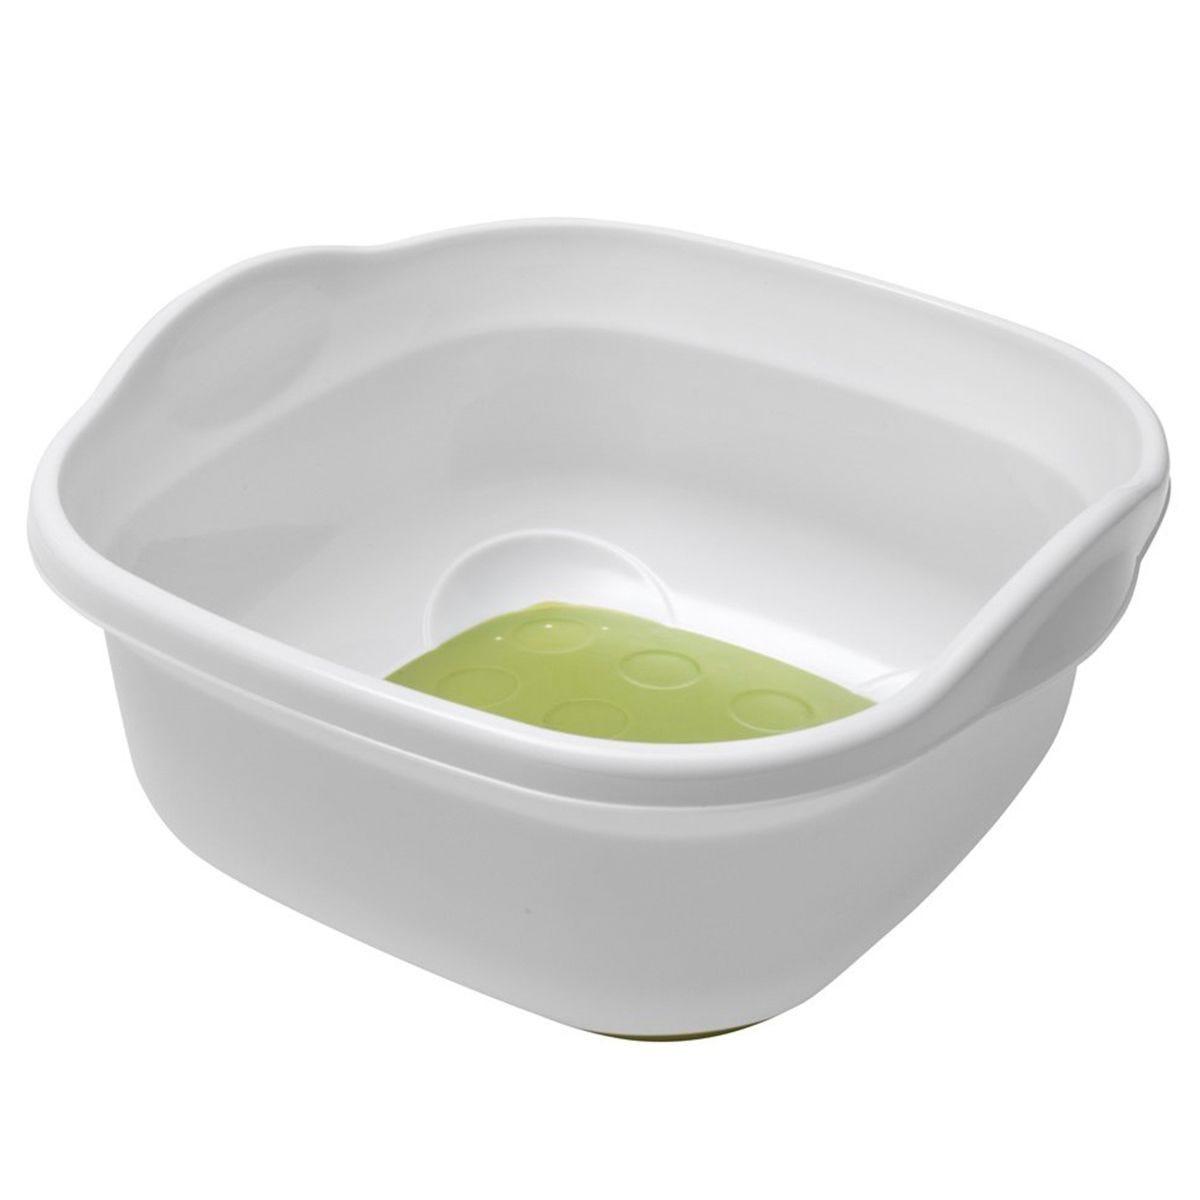 Addis Washing Up Bowl – White/Green